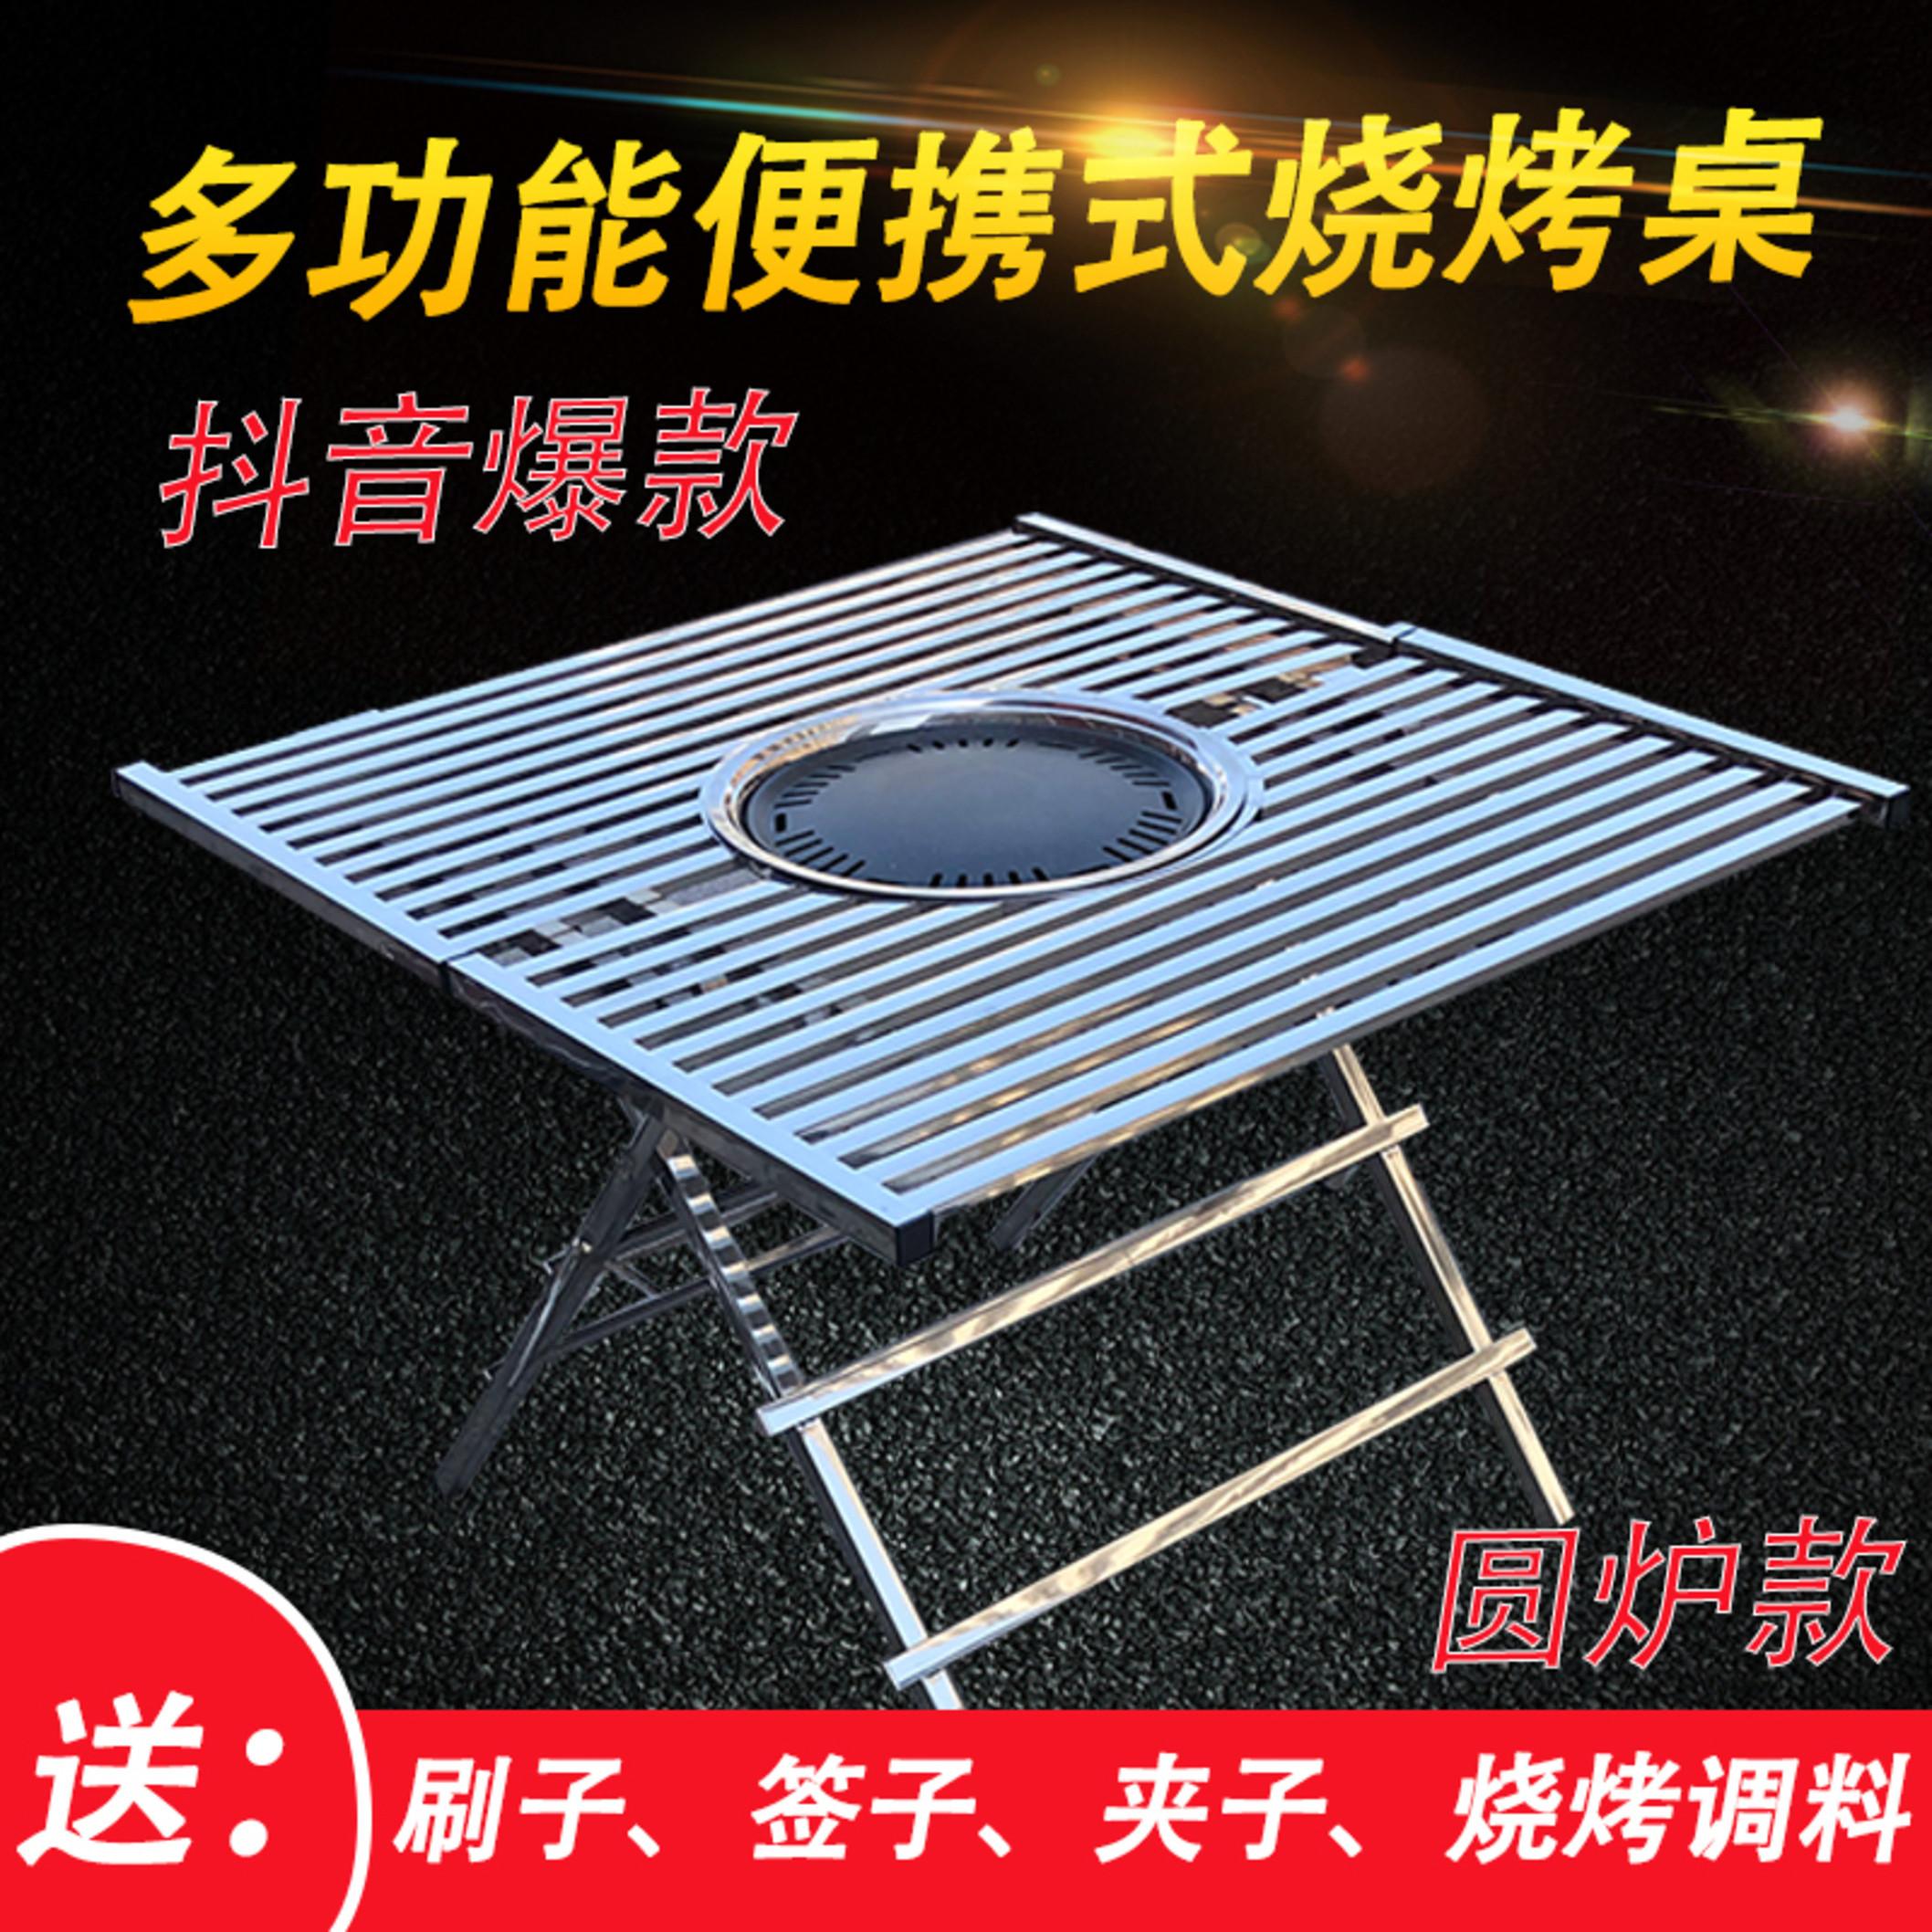 烧烤韩式烤盘桌自助烤肉桌便携桌折叠野餐桌家用篦子款烤架户外